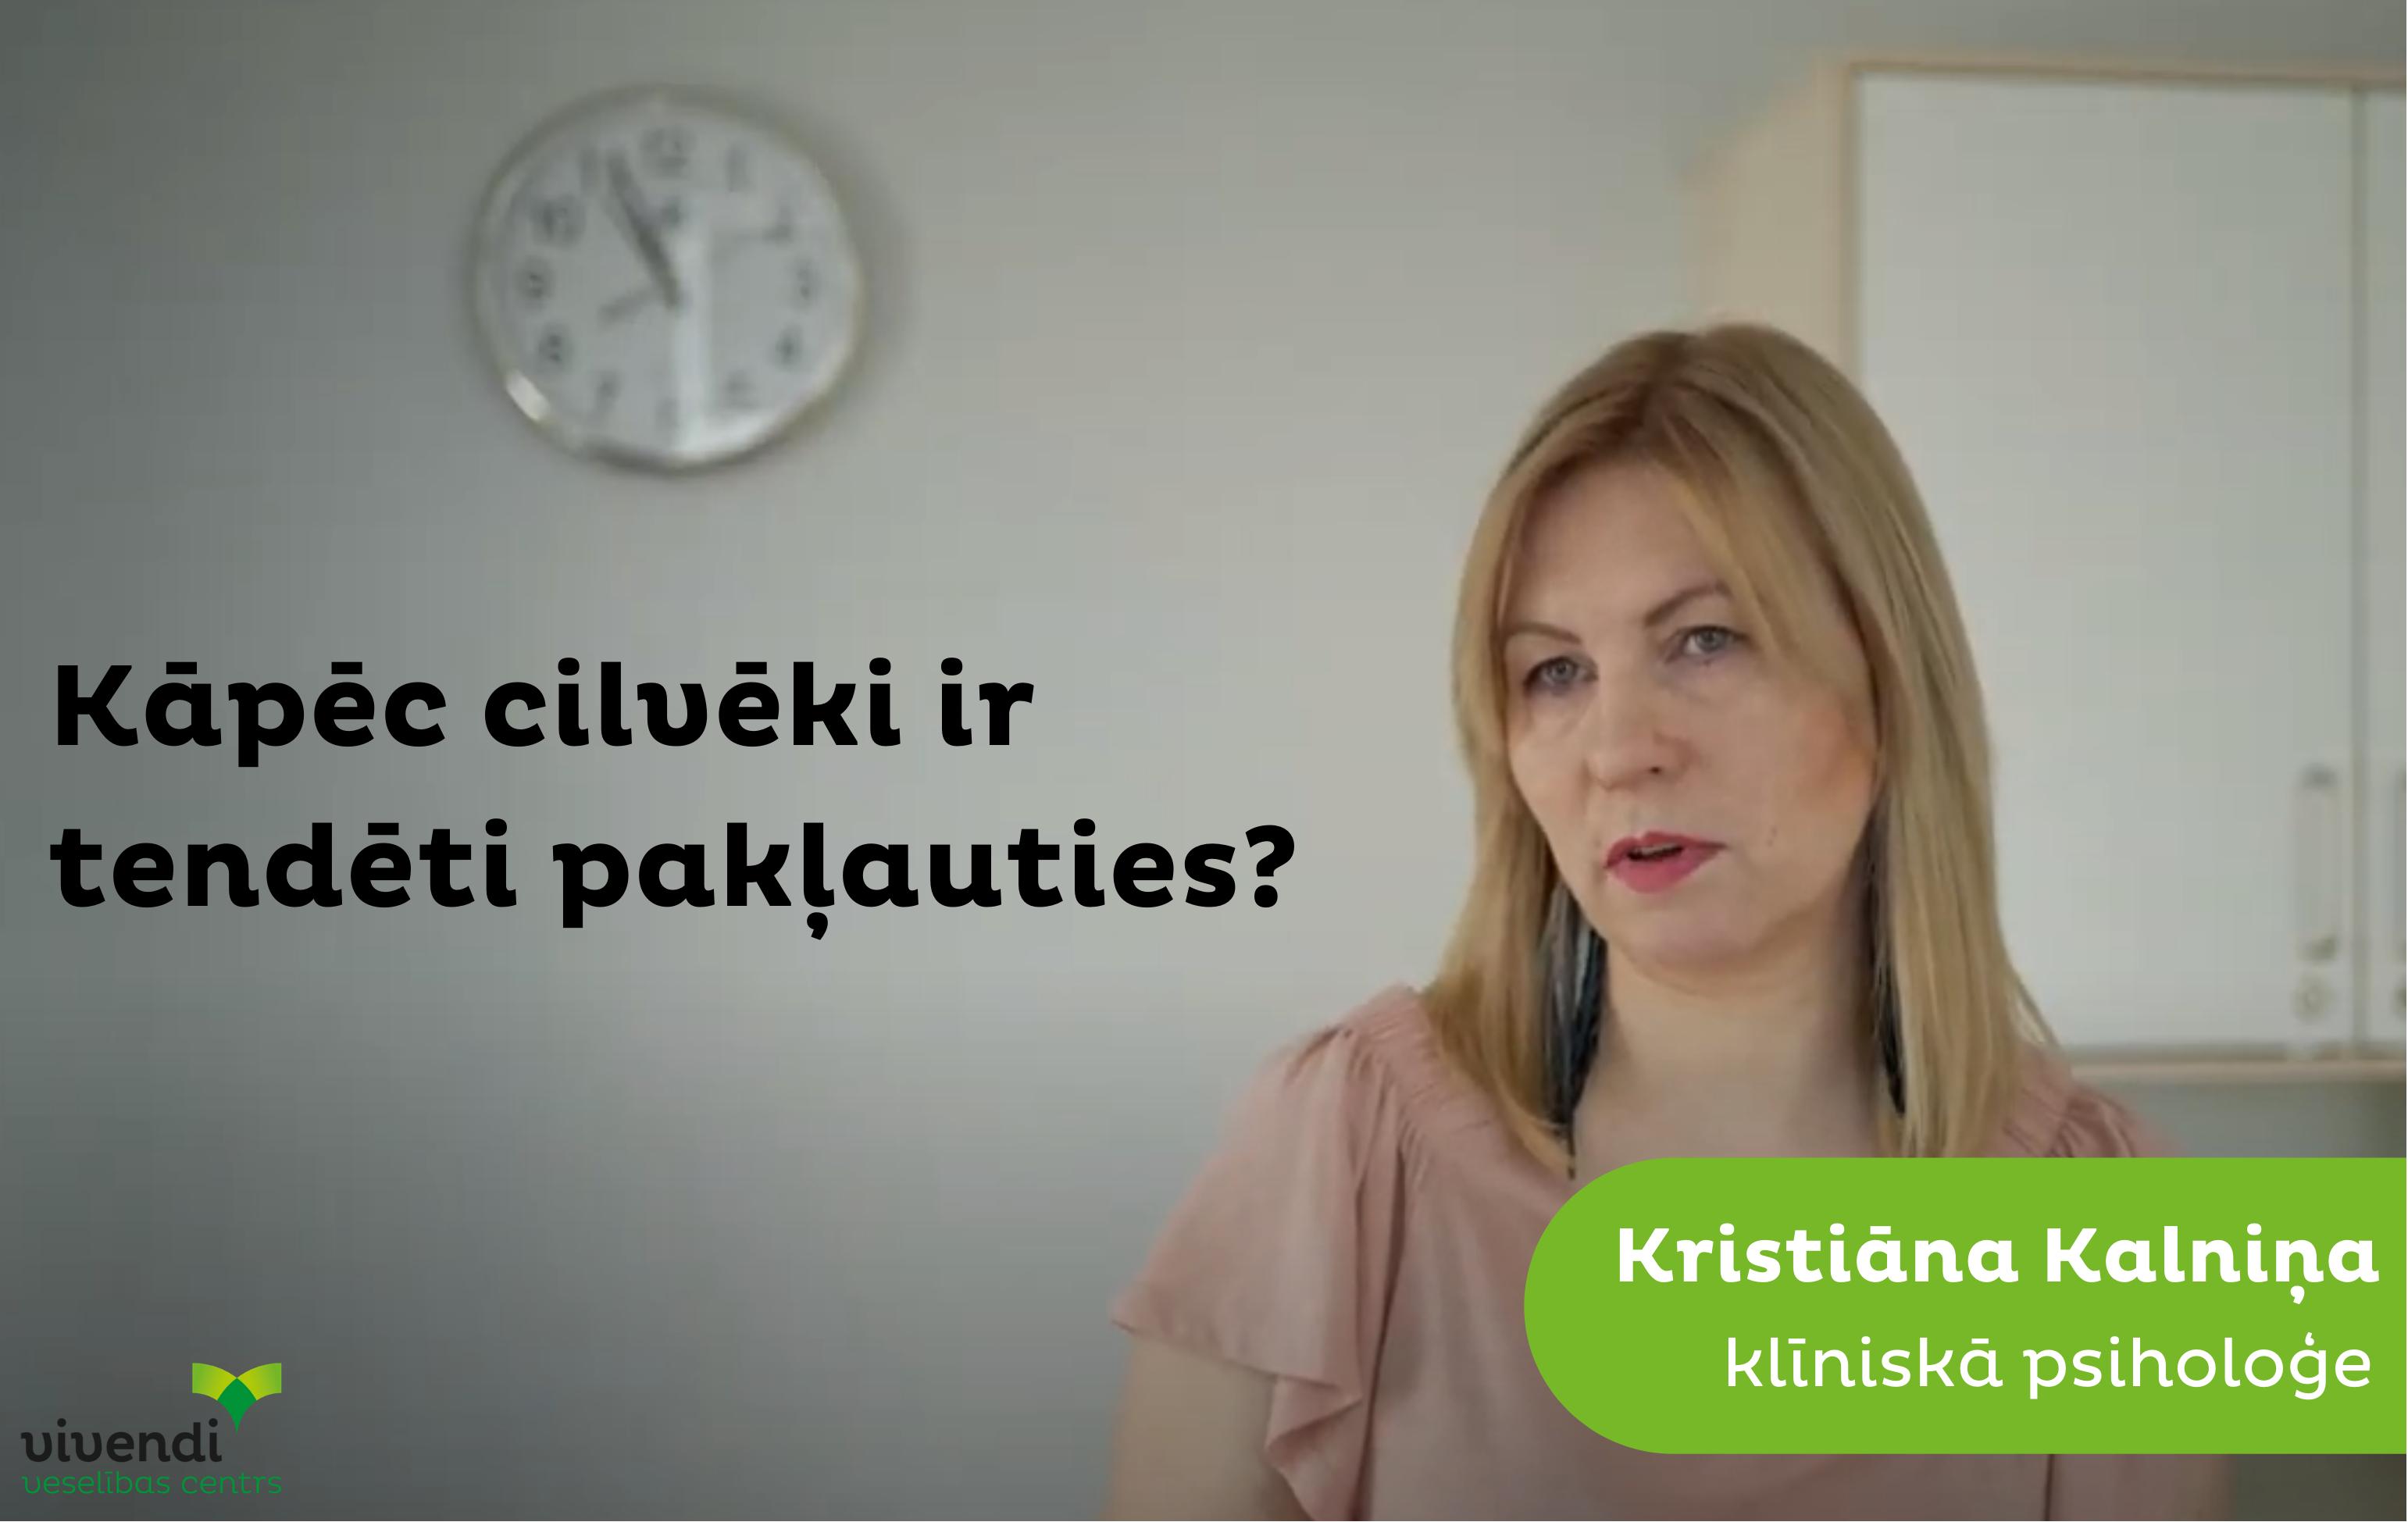 Video_Kapec_cilvekiem_ir_tendence_paklauties.png